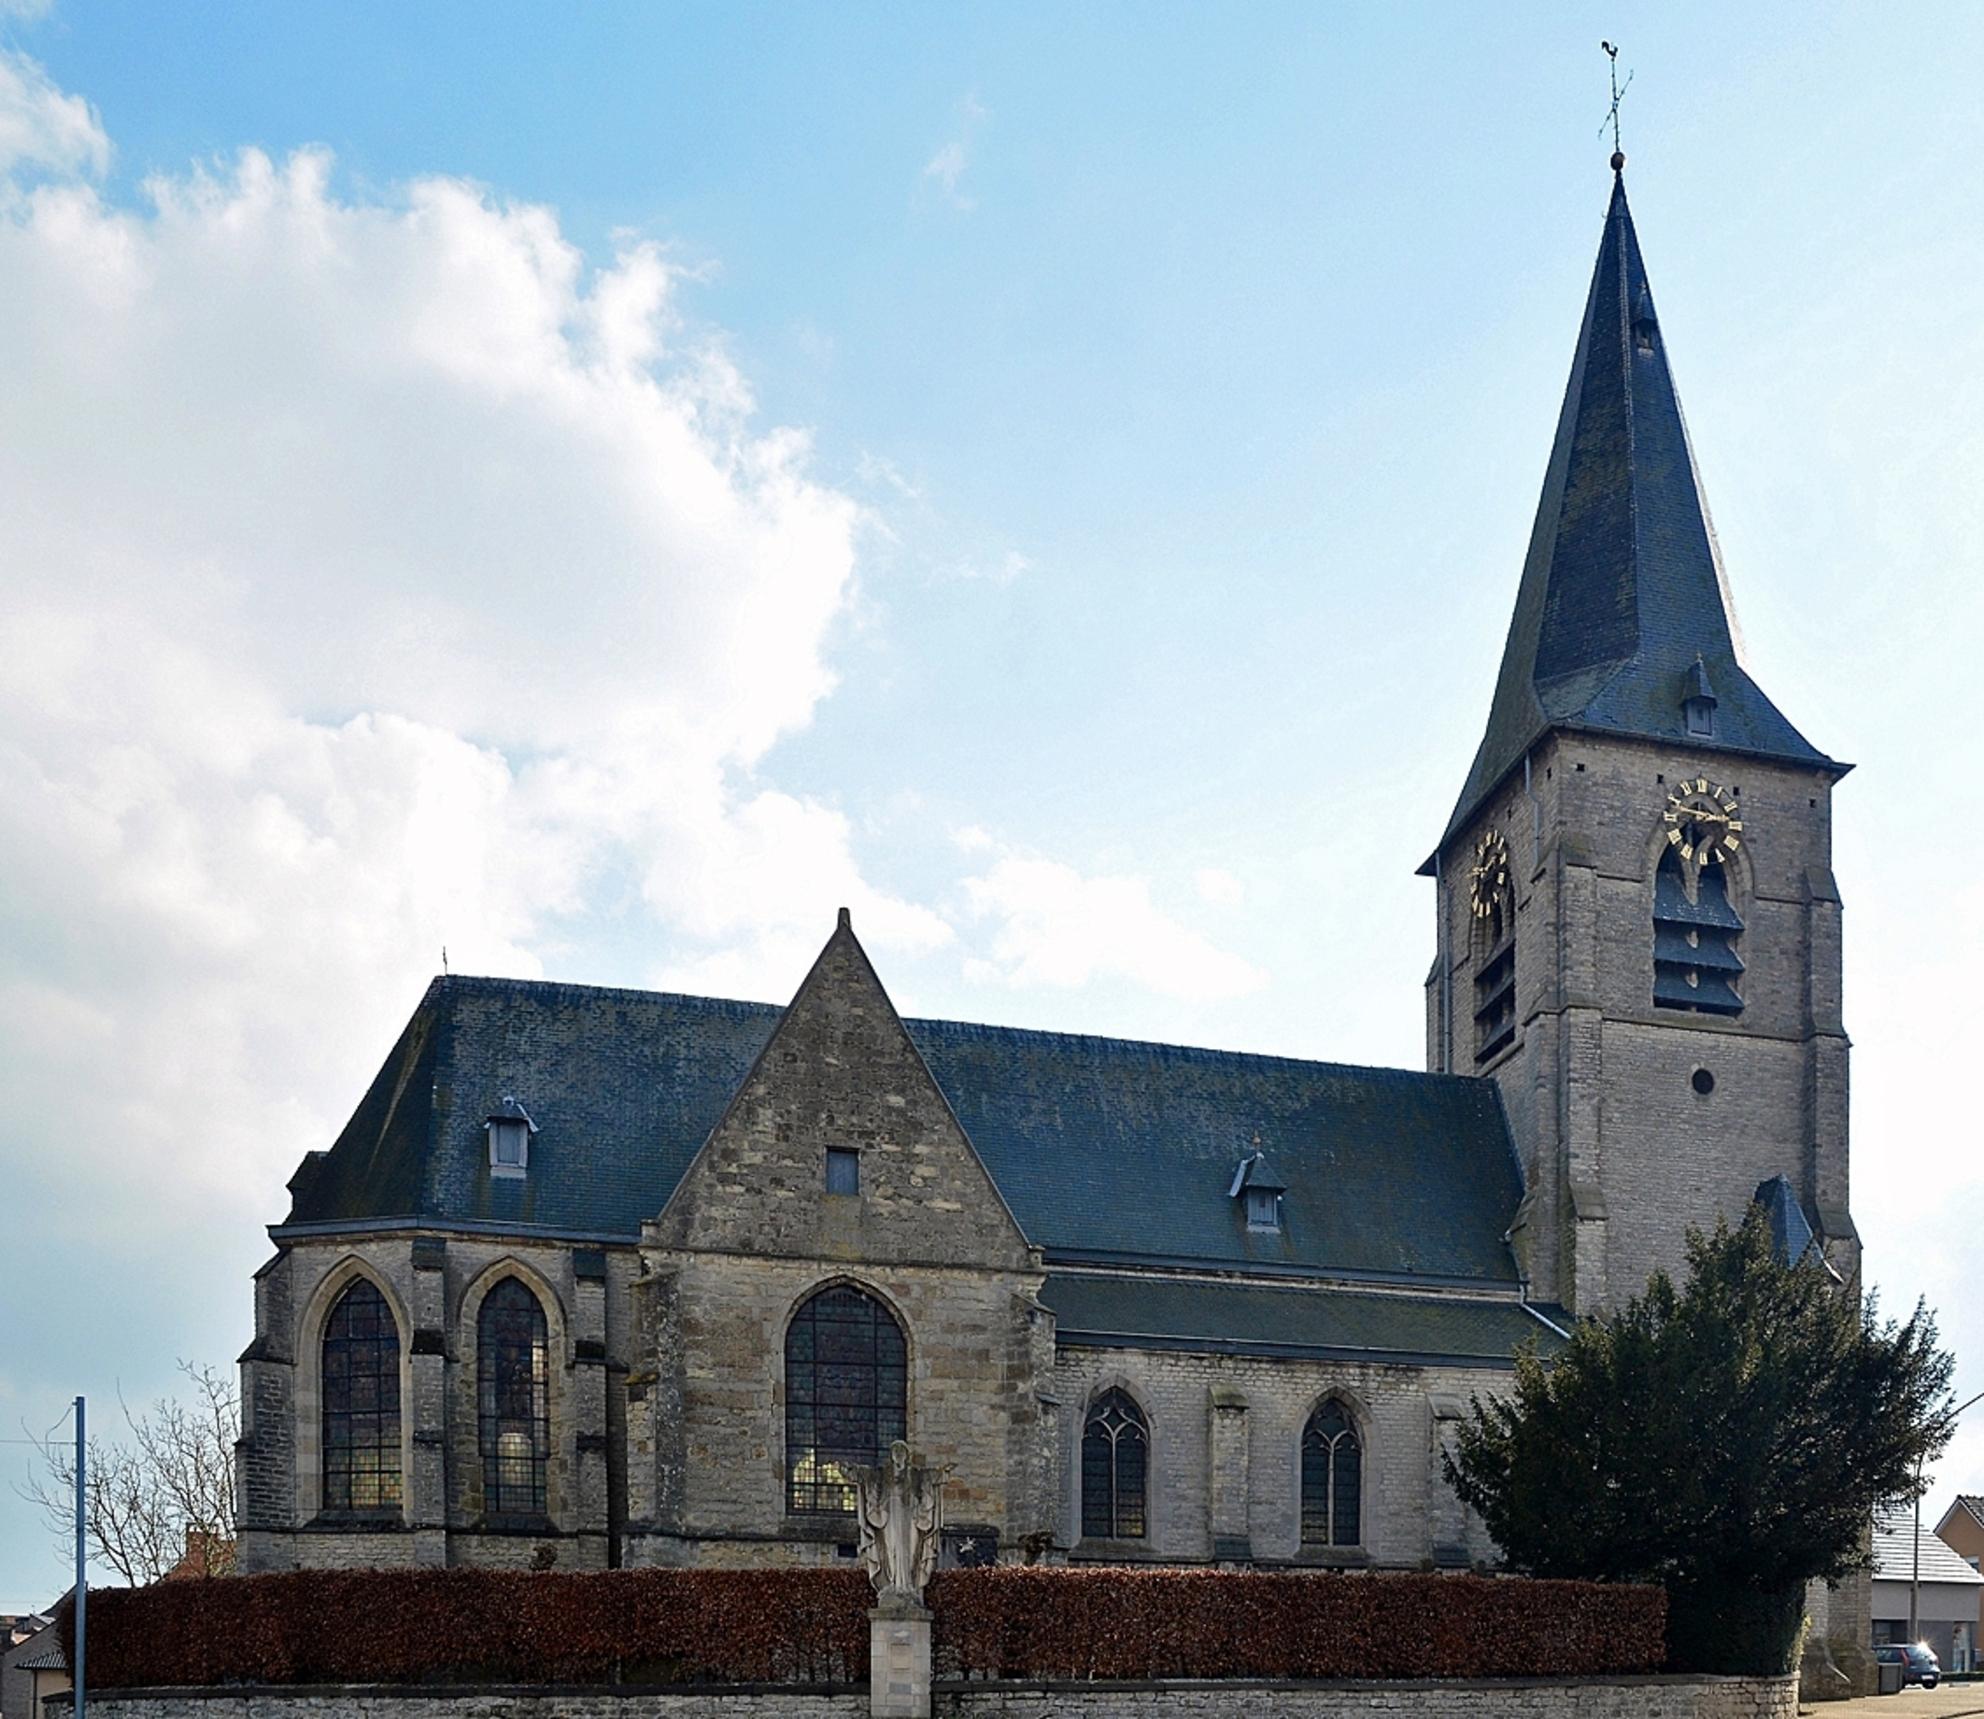 Bouwkundig erfgoed - 60 - [b]Parochiekerk Sint-Stephanus[/b] Gotische kerk van zandsteen uit de 16de-17de eeuw, gebouwd op een door een zandstenen kerkhofmuur afgebakende hel - foto door jpvdfotografie op 15-10-2014 - deze foto bevat: oud, lucht, licht, lijnen, architectuur, kerk, gebouw, belgie, gotiek, omheiningsmuren, parochiekerken, brussegem - Deze foto mag gebruikt worden in een Zoom.nl publicatie